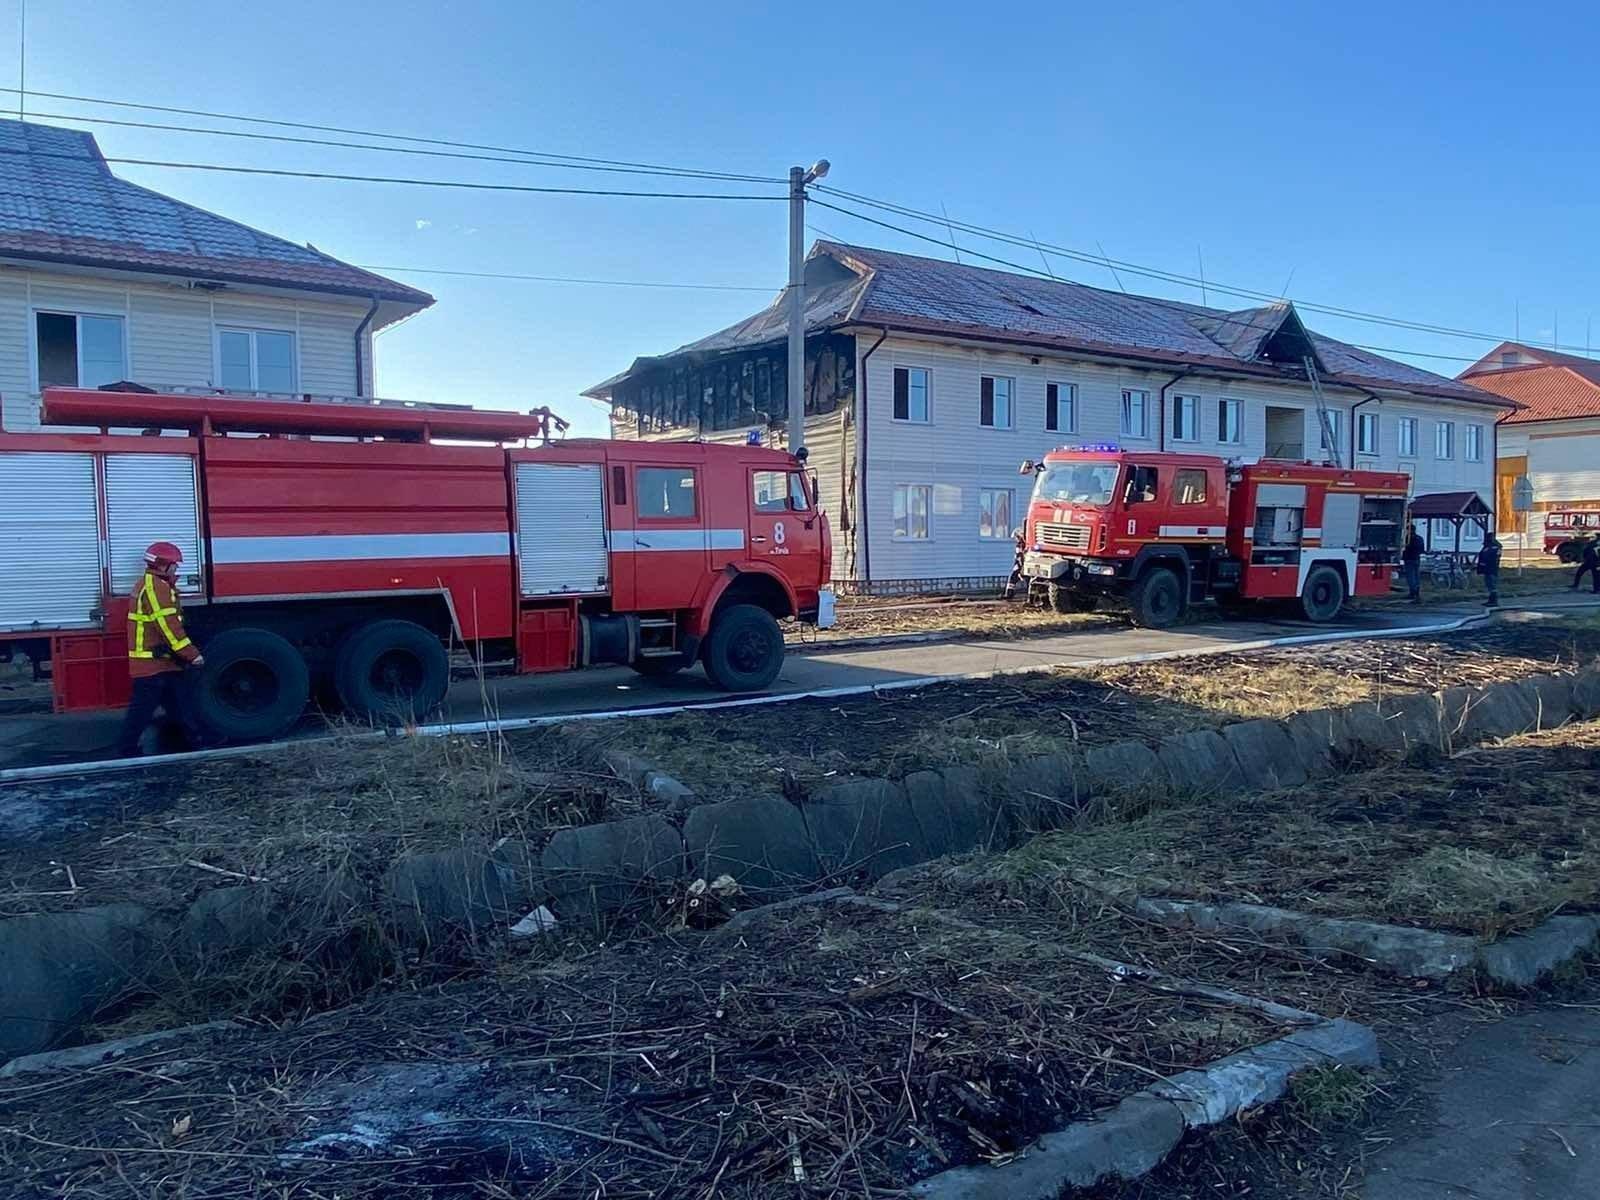 В Закарпатті показали фото згорілих будинків у комплексі за сотню мільйонів гривень